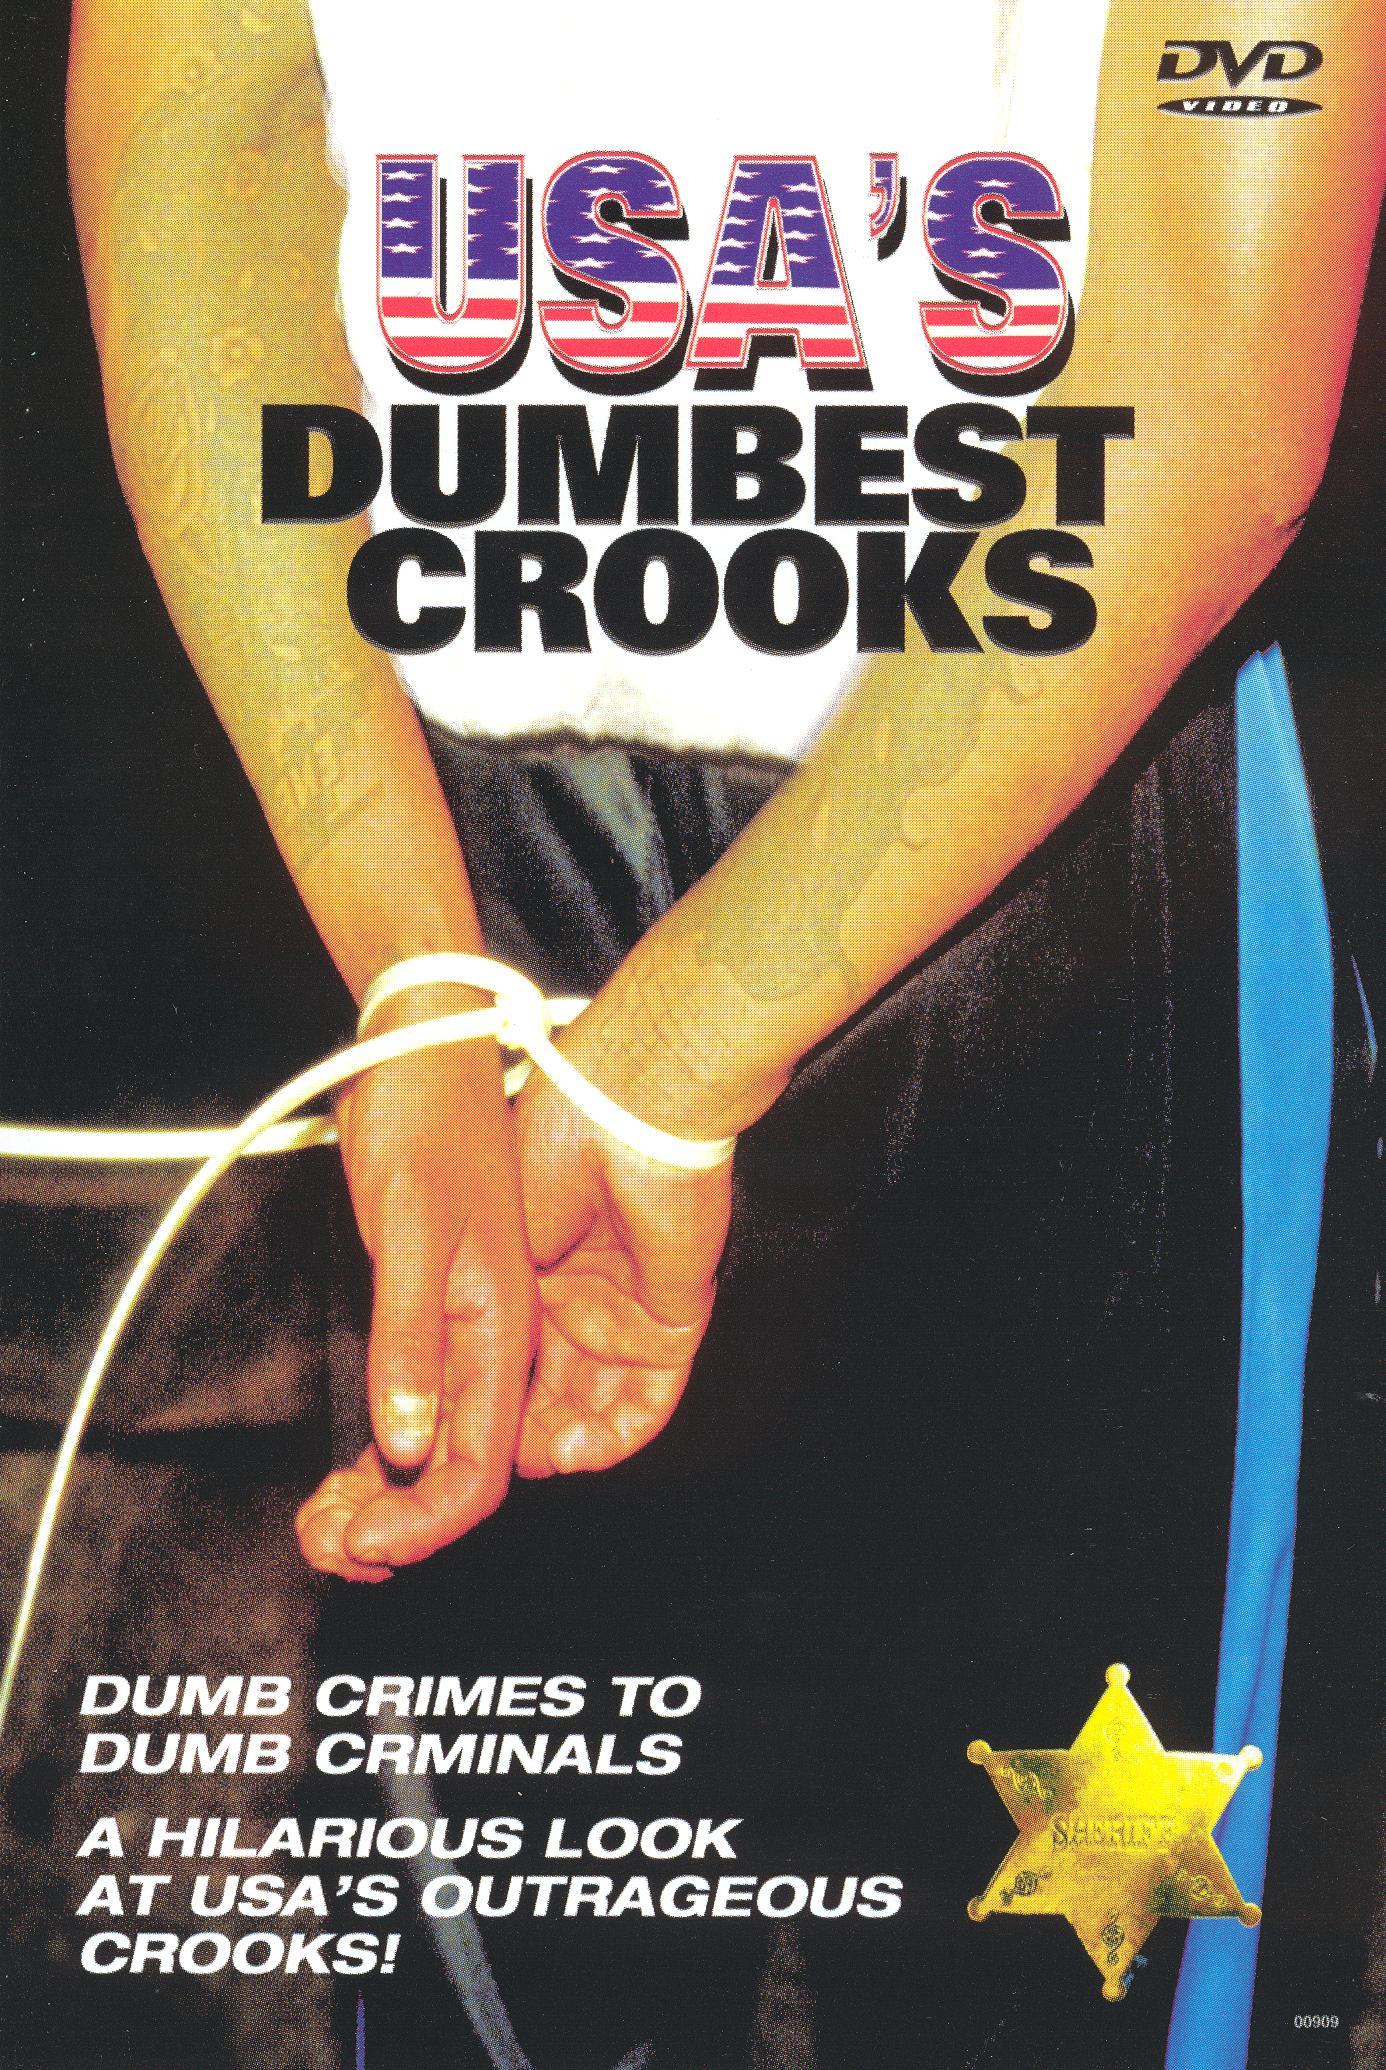 USA's Dumbest Crooks